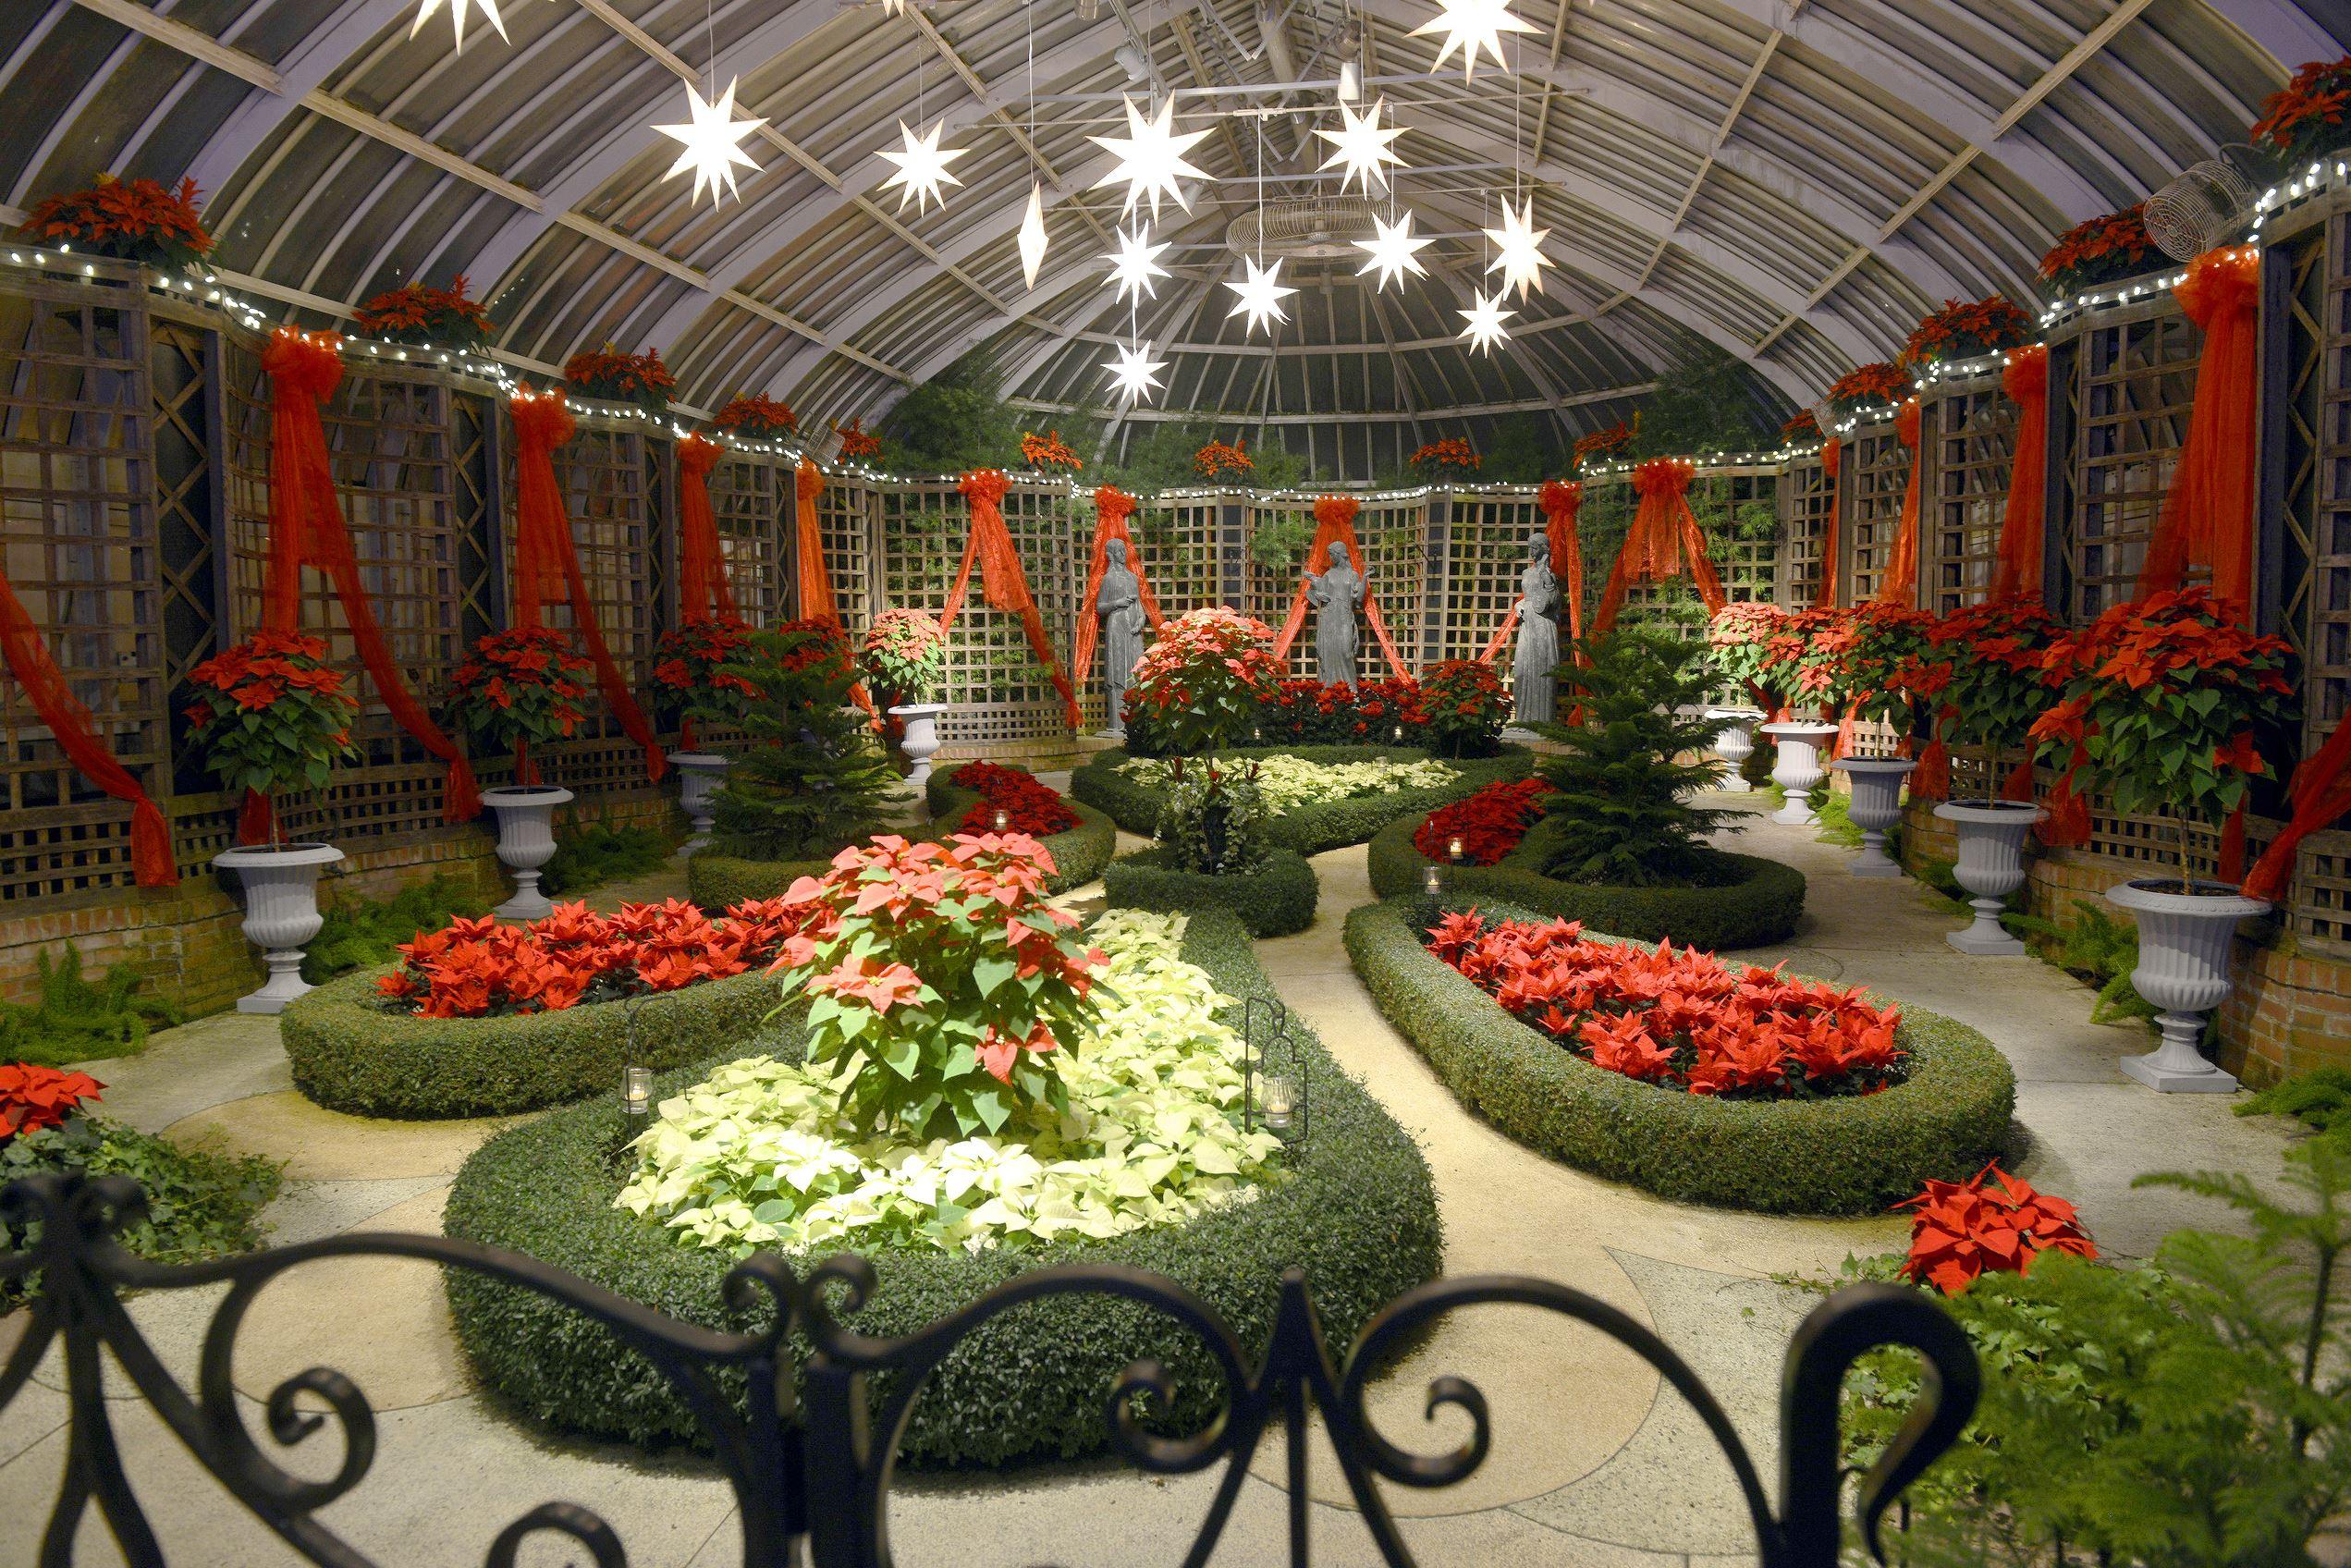 1934 39 S 39 Winter Wonderland 39 Inspires 2014 Phipps Winter Flower Show Design Pittsburgh Post Gazette